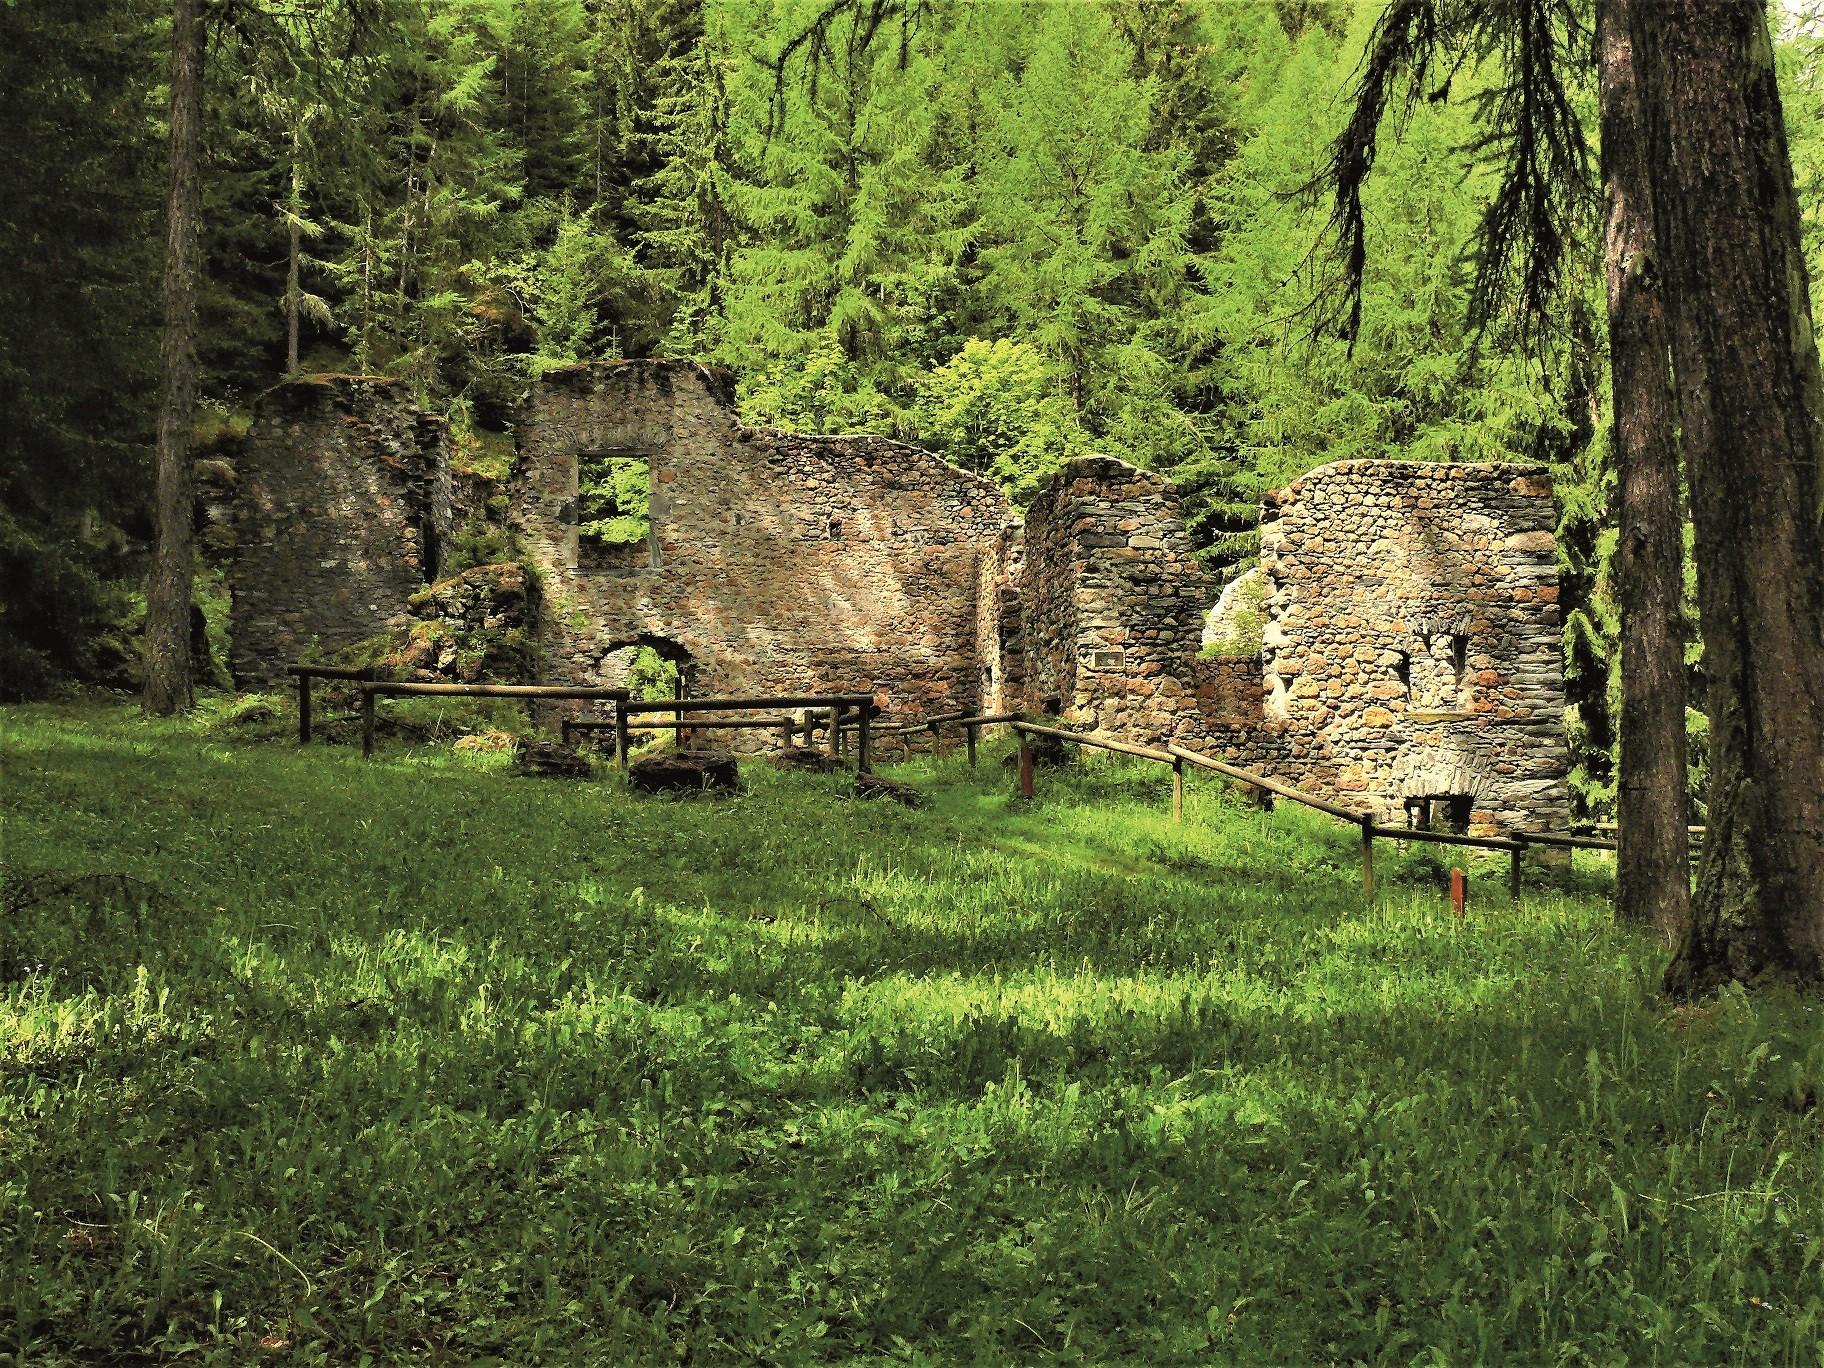 decouvrez-une-culture-et-un-patrimoine-riches-d-histoire-palais-de-la-mine-peisey-vallandry-1535